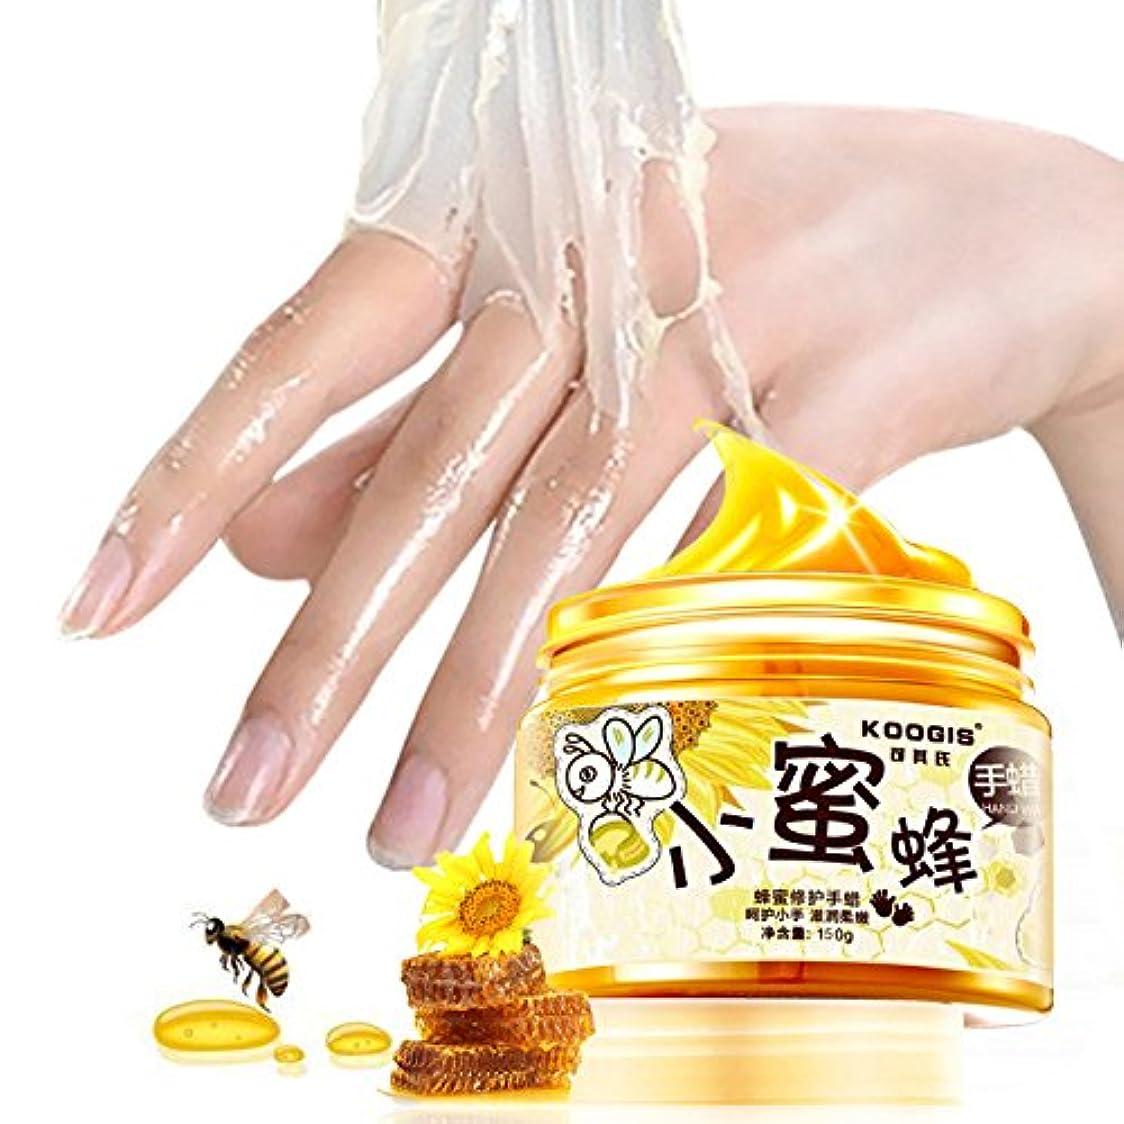 値知っているに立ち寄るカーテンRabugoo ミルク&ハニーピールオフハンドワックスマスク - エクスフォリエーターモイスチャライジングホワイトニングナリッシュピーリングマスク - 150g / ml